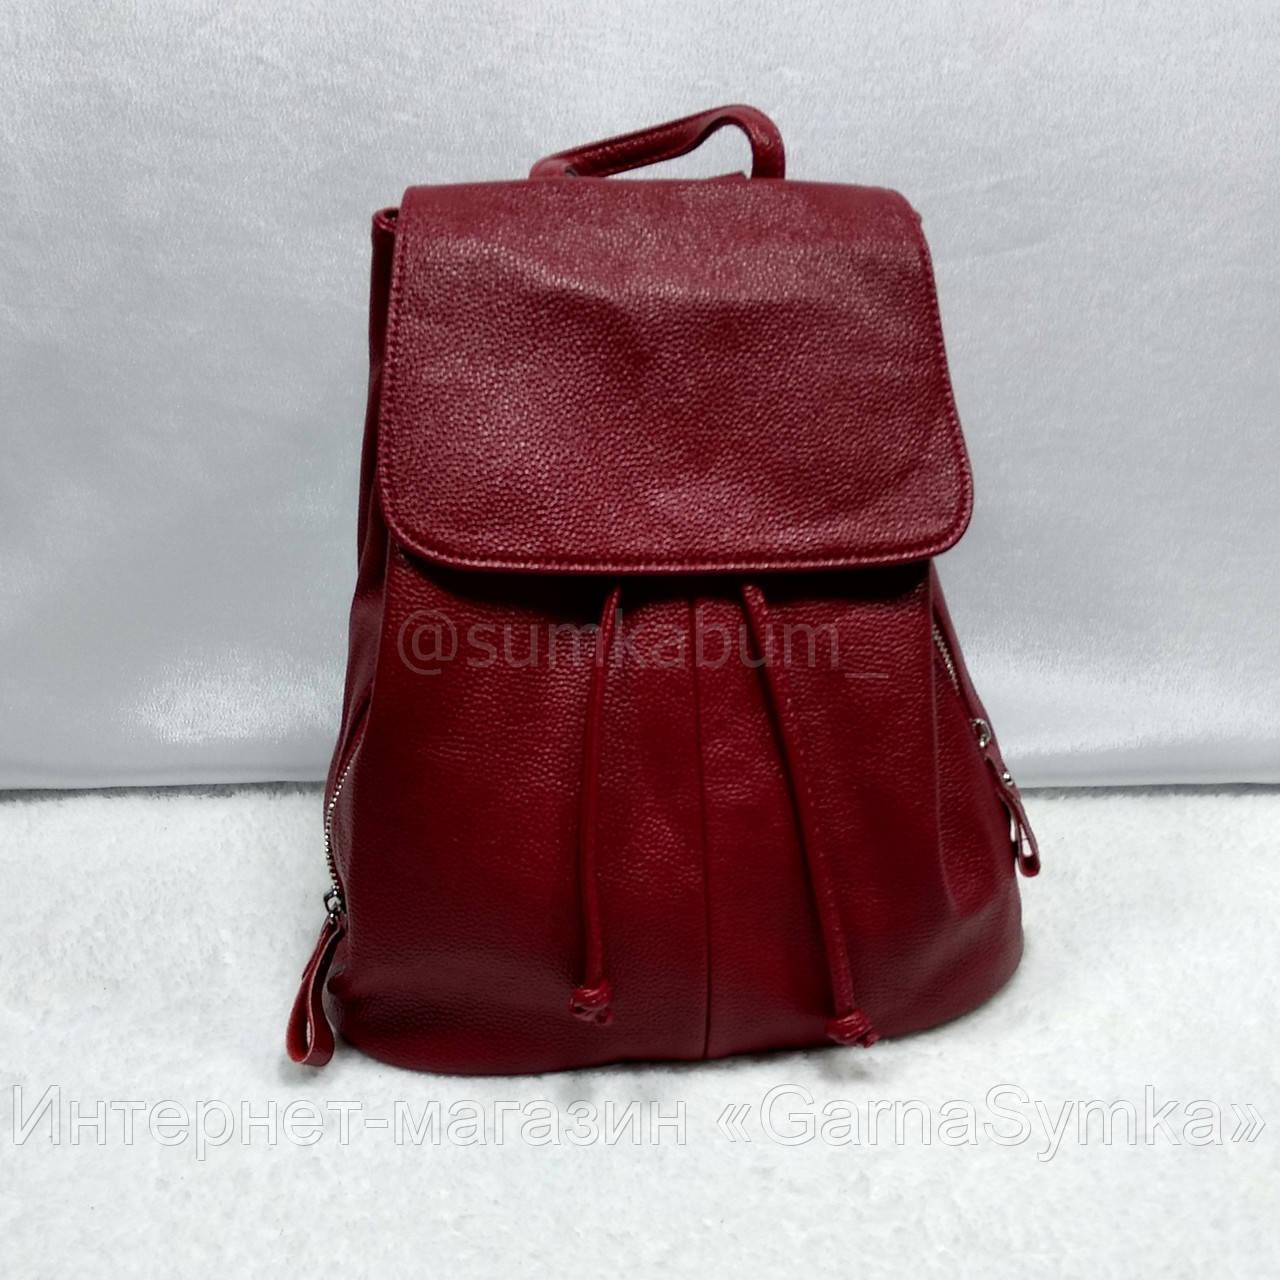 Модный и вместительный городской рюкзак в насыщенном красном цвете